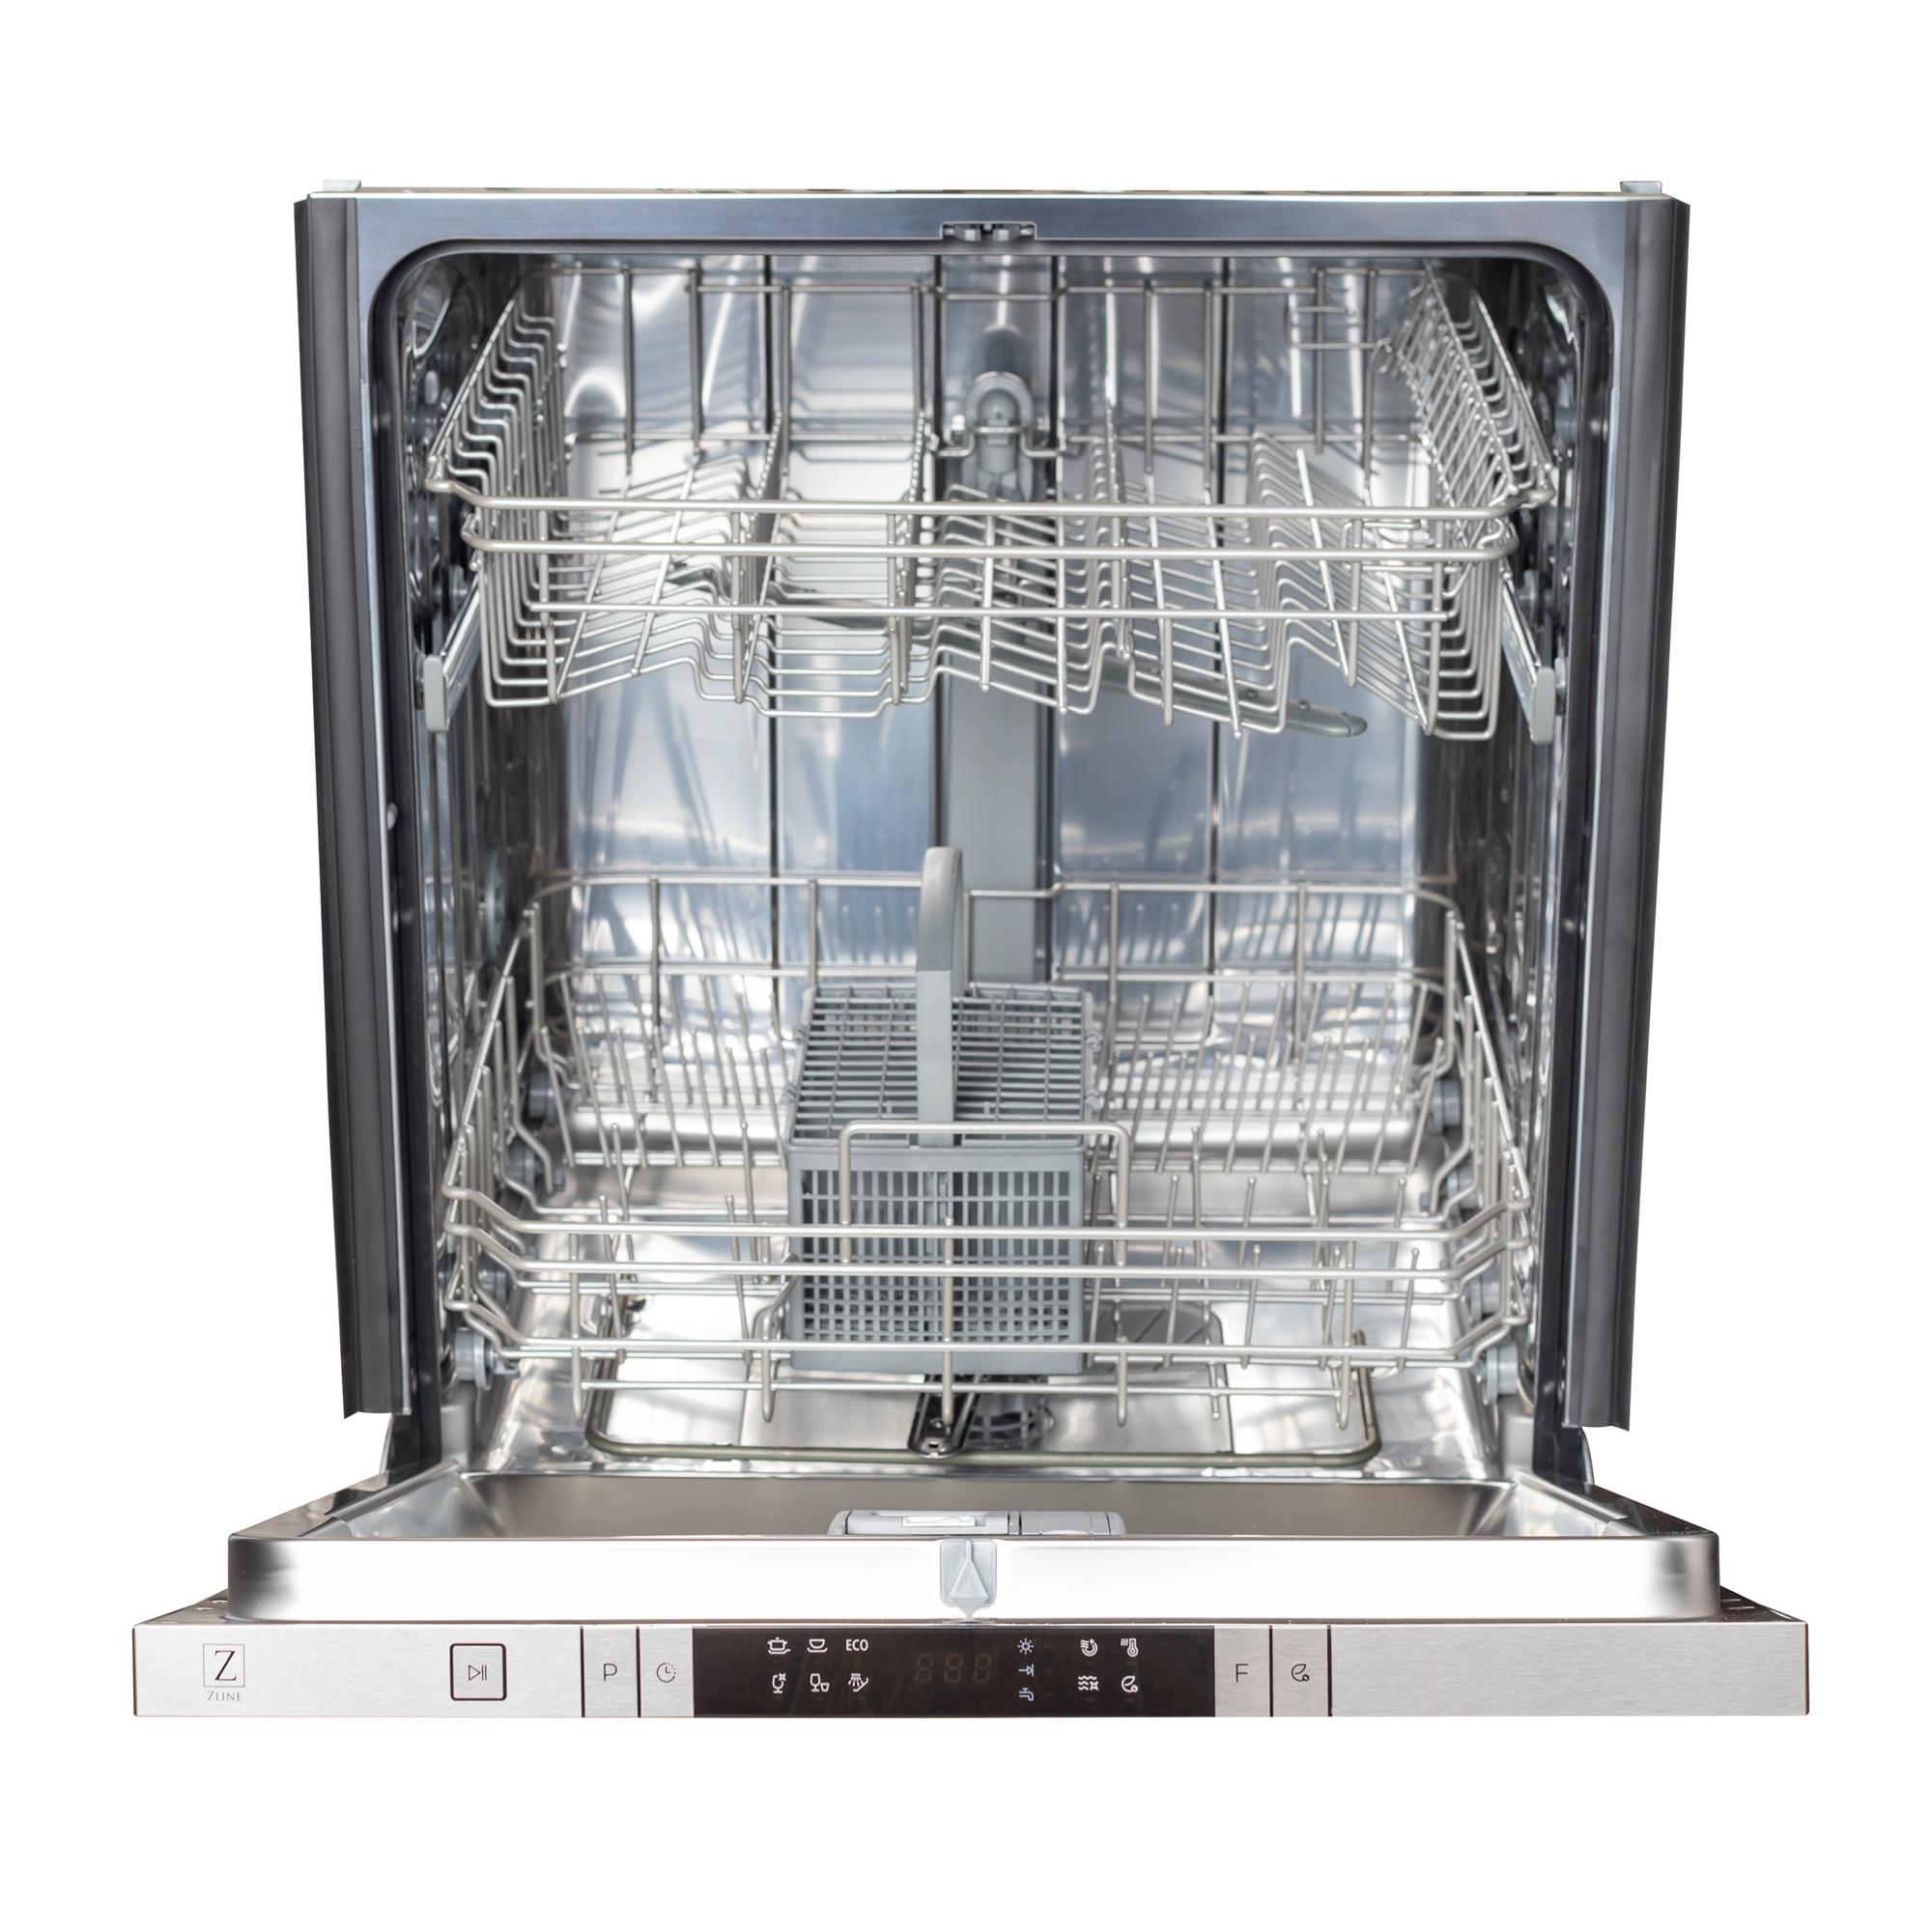 zline-panel-ready-dishwasher-copper-dw-c-24-empty copy 2.jpg